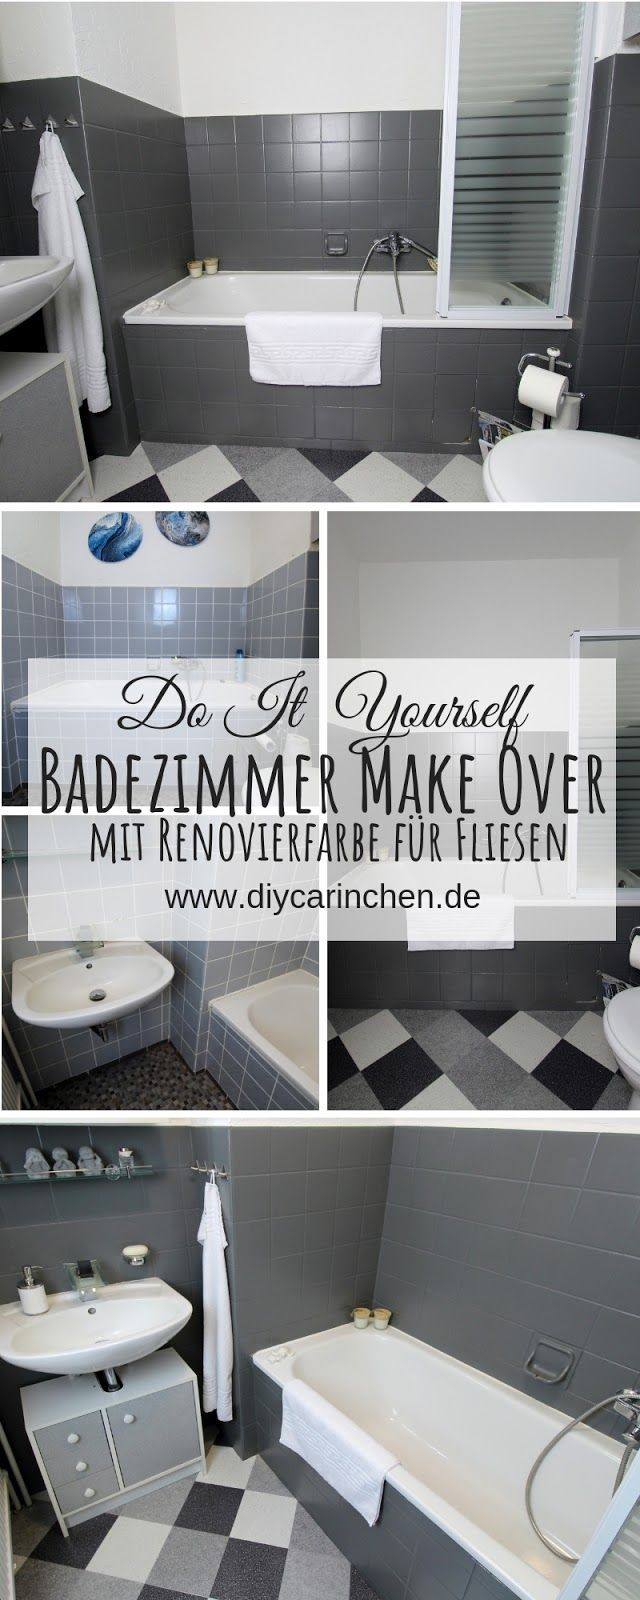 Diy Badezimmer Streichen Und Renovieren Mit Fliesenfarbe Badezimmer Streichen Badezimmer Renovieren Fliesenfarbe